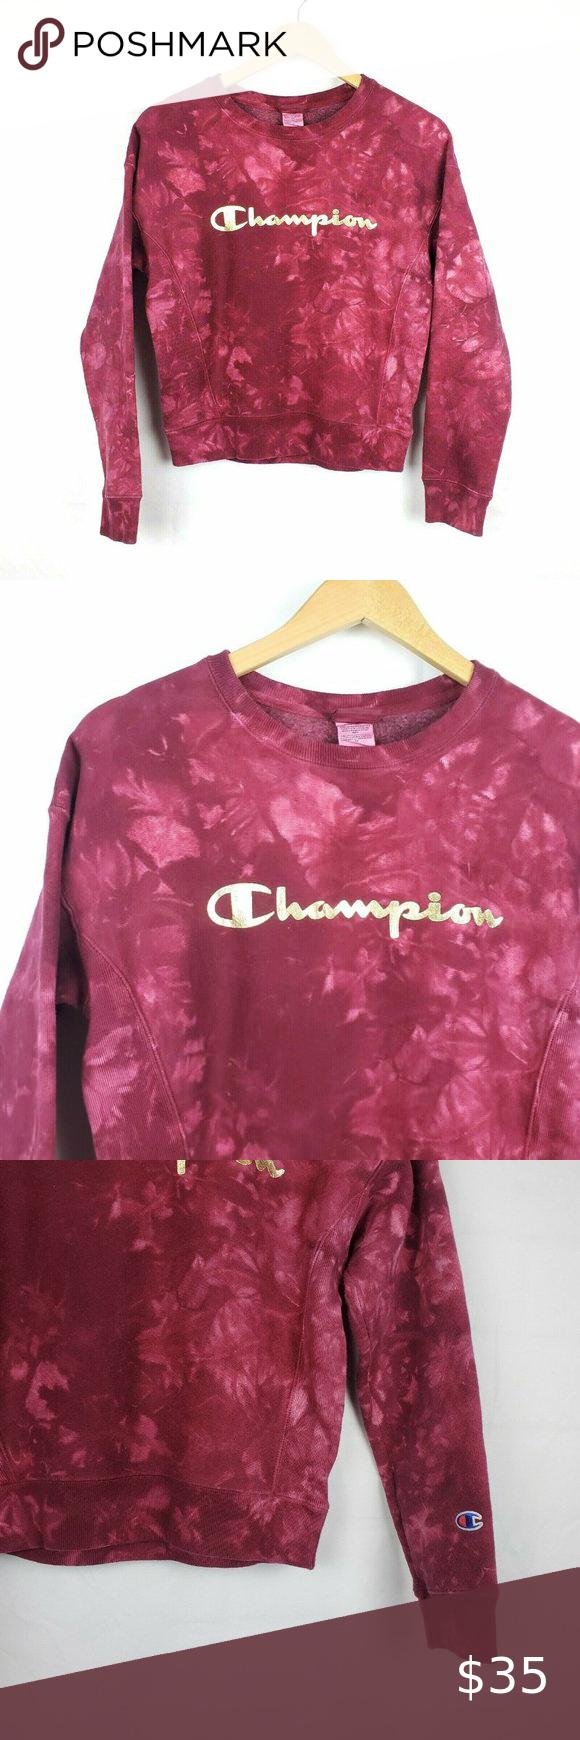 Champion Reverse Weave Tie Dye Crop Sweatshirt Xs Crop Sweatshirt Grey Champion Sweatshirt Blue Cable Knit Sweater [ 1740 x 580 Pixel ]